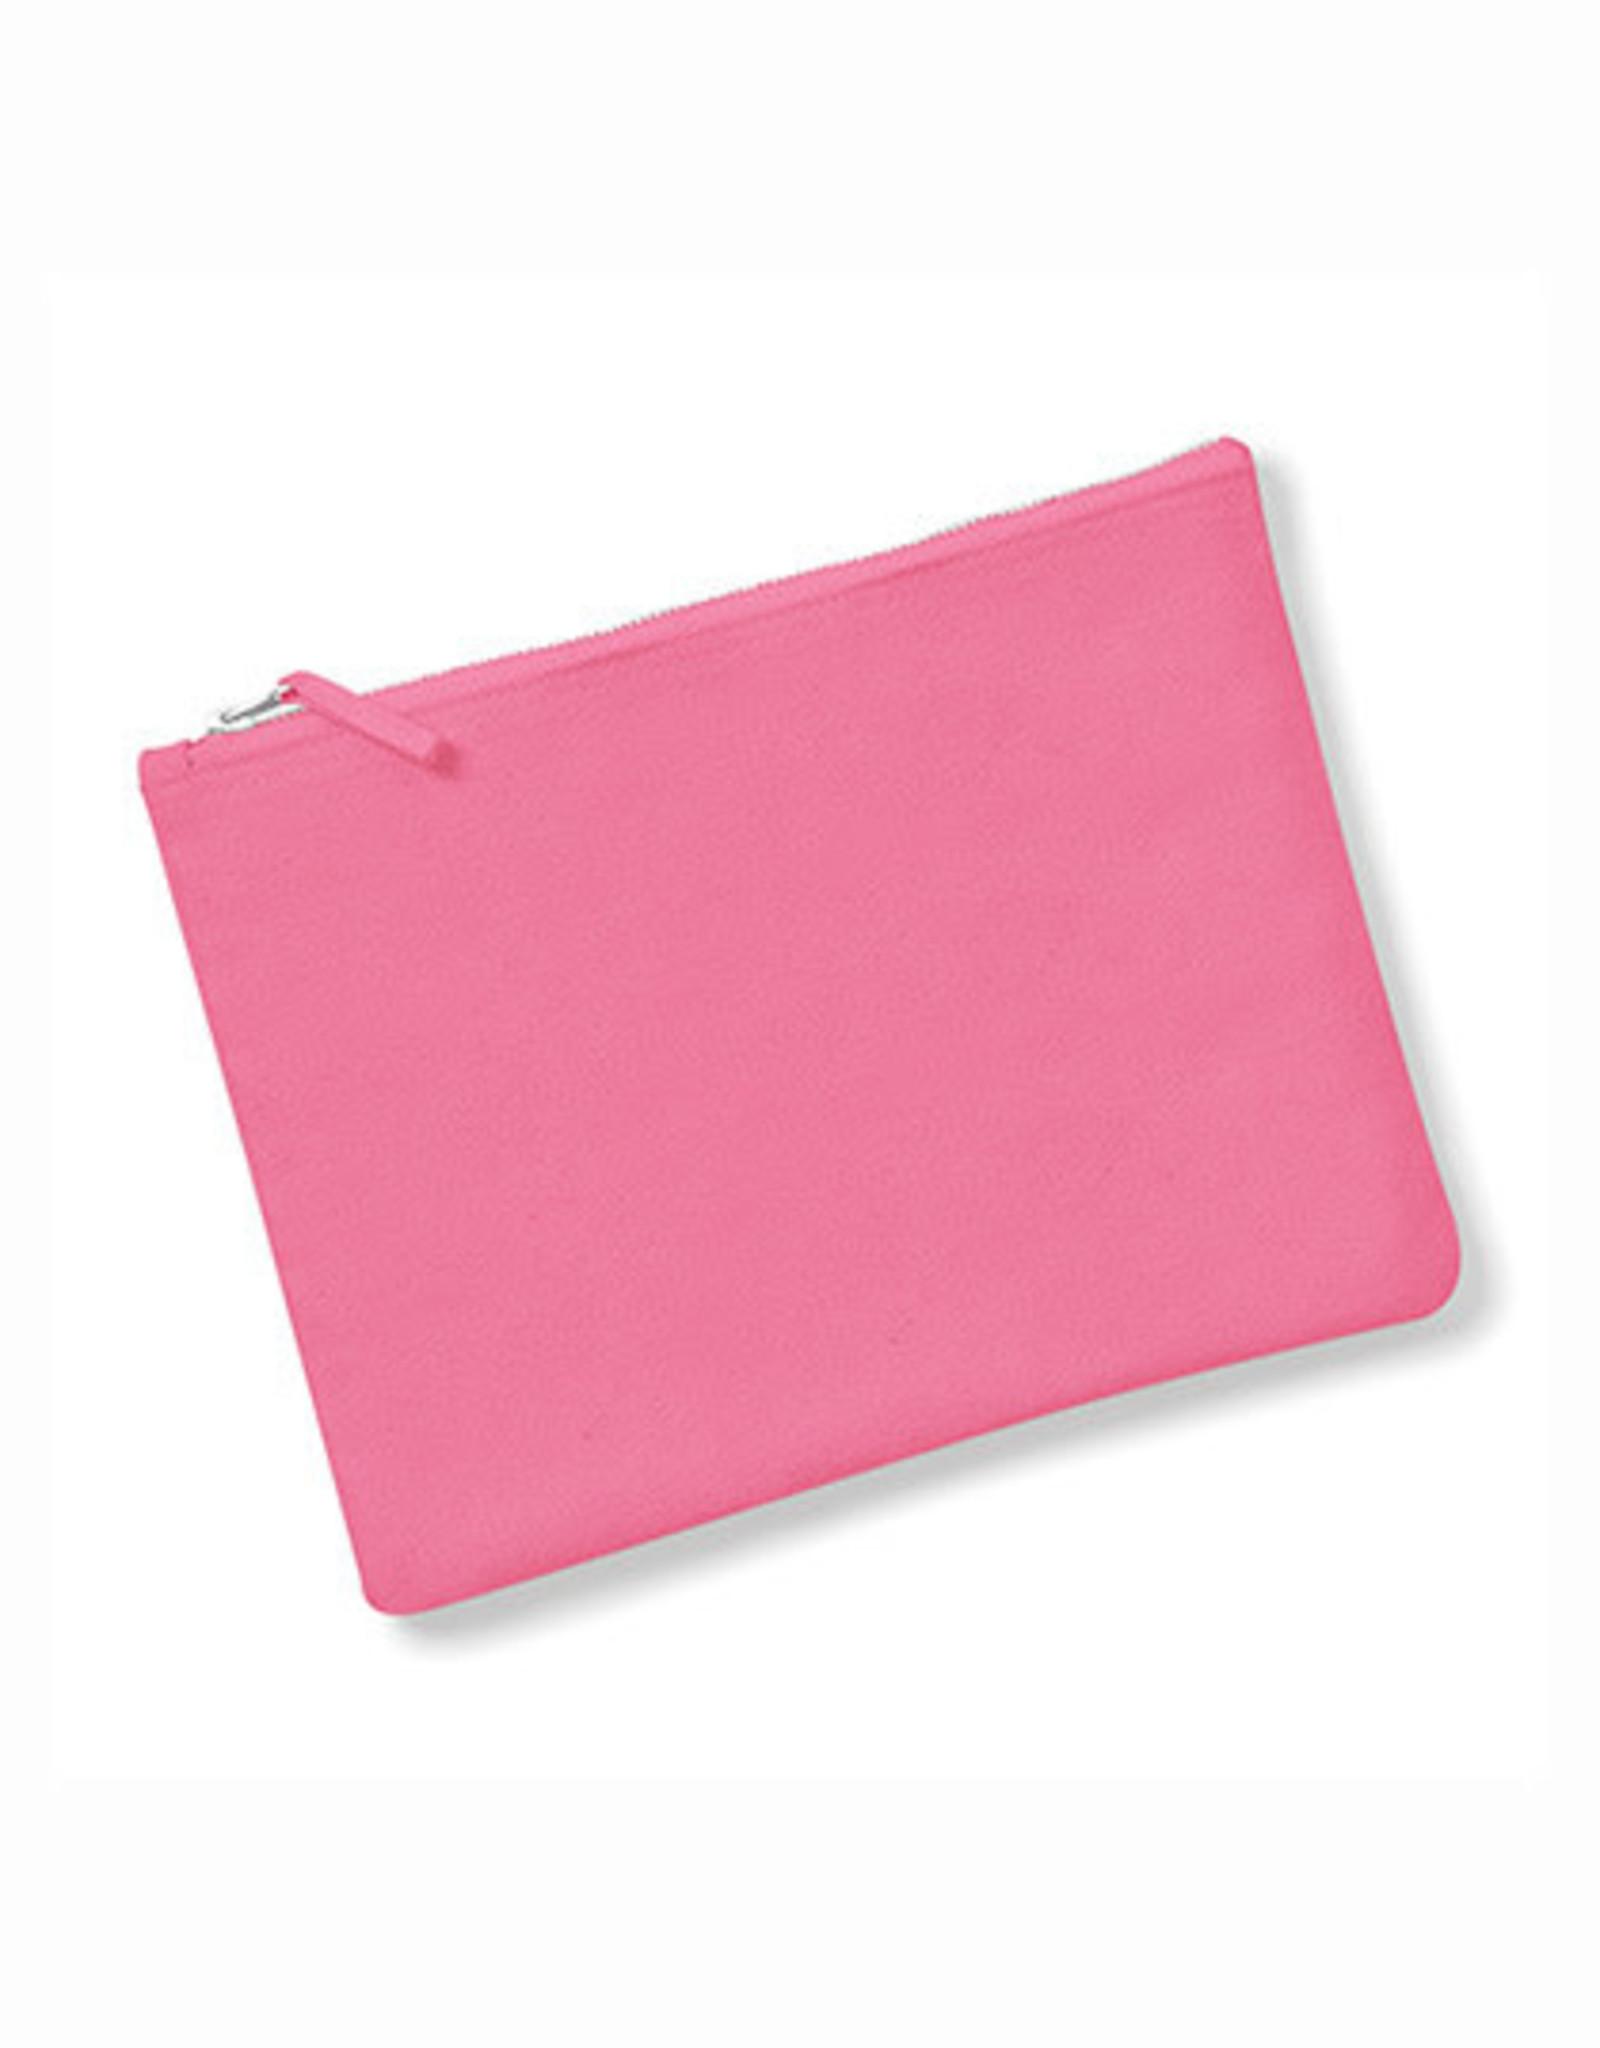 gepersonaliseerde ritstasje plat M 22,5 x 16 cm roze